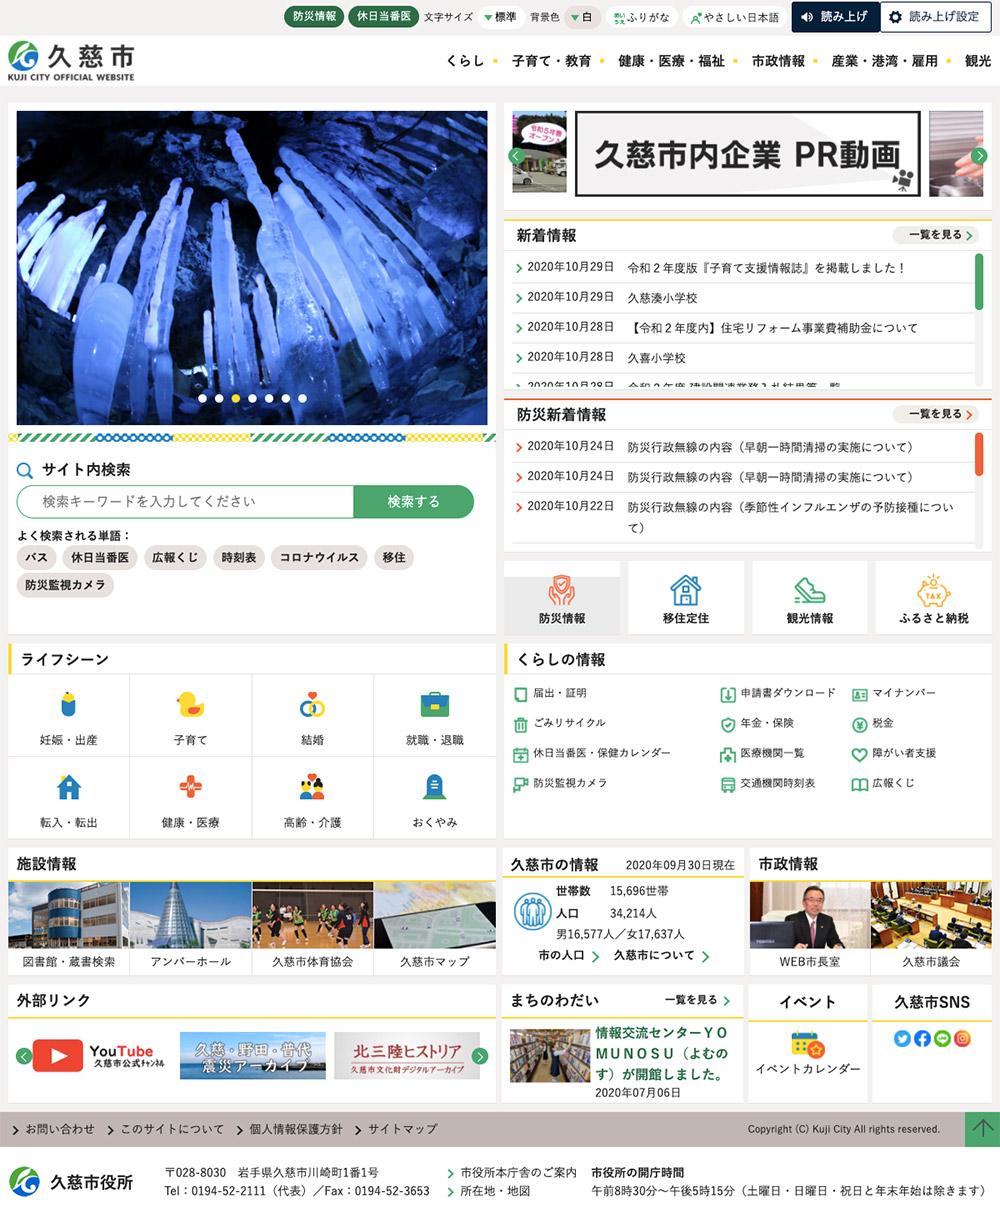 久慈市トップページ